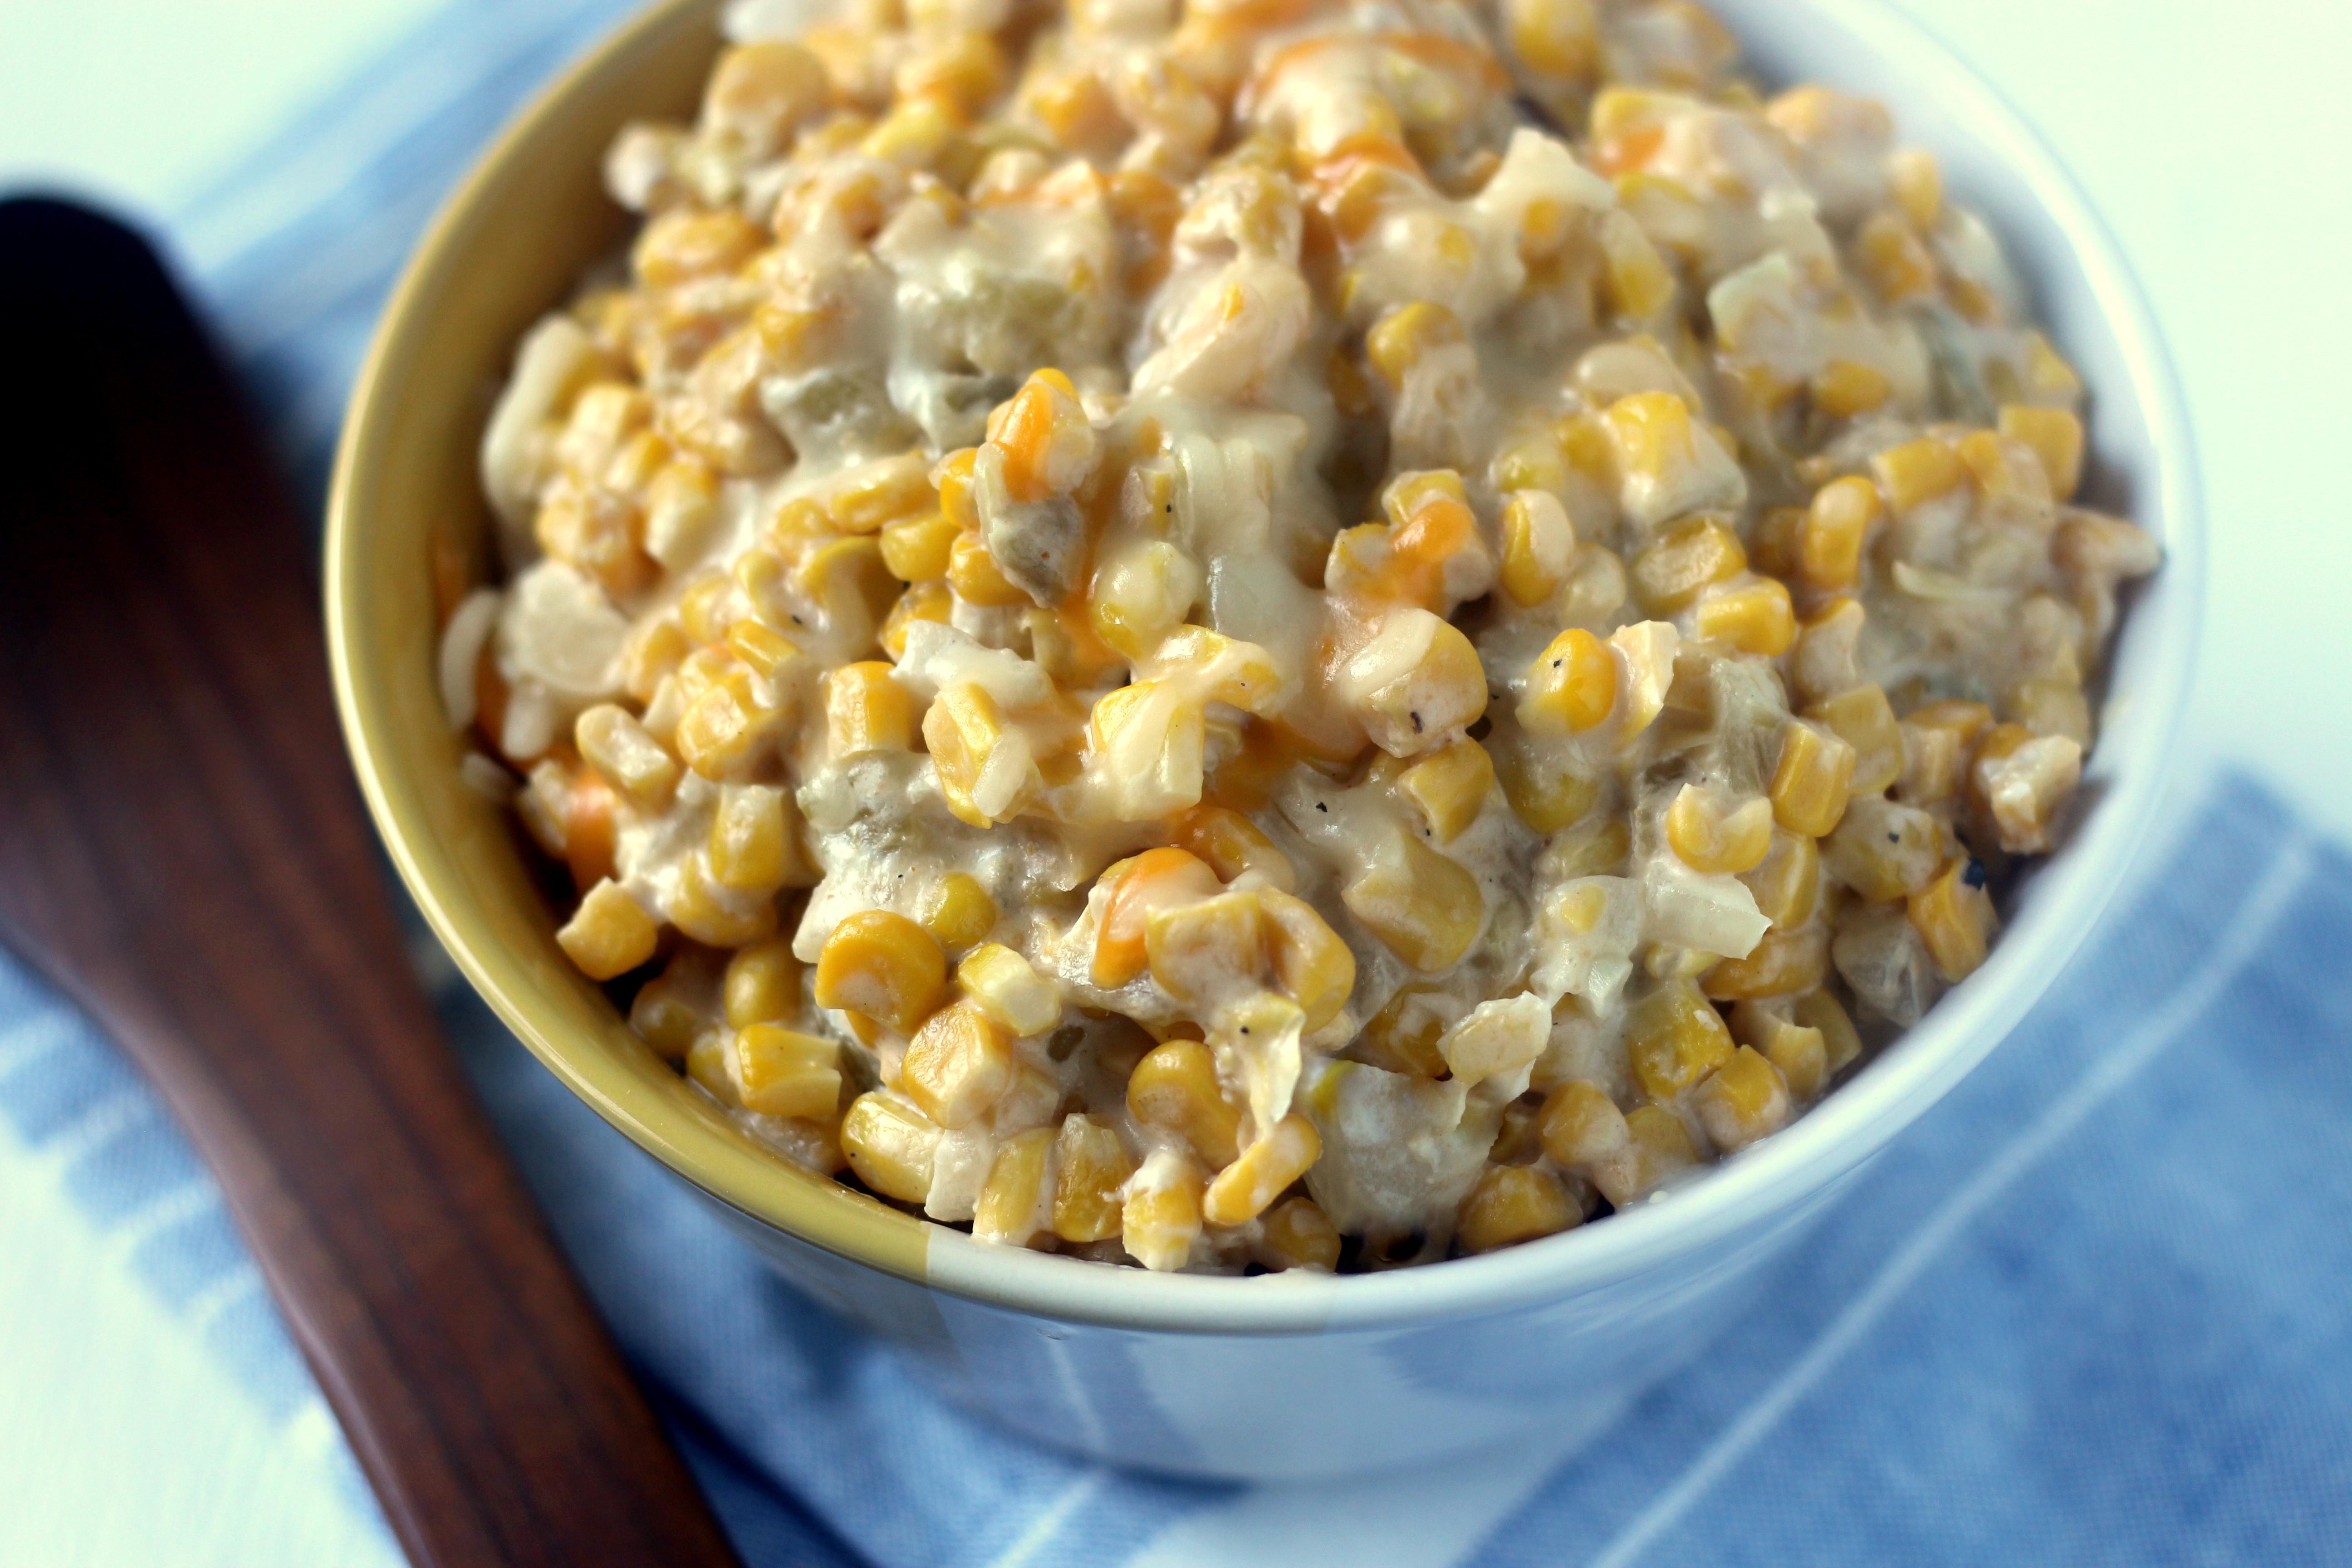 Corn Casserole With Cream Cheese  Cream Cheese Corn Casserole with Green Chiles Blackberry